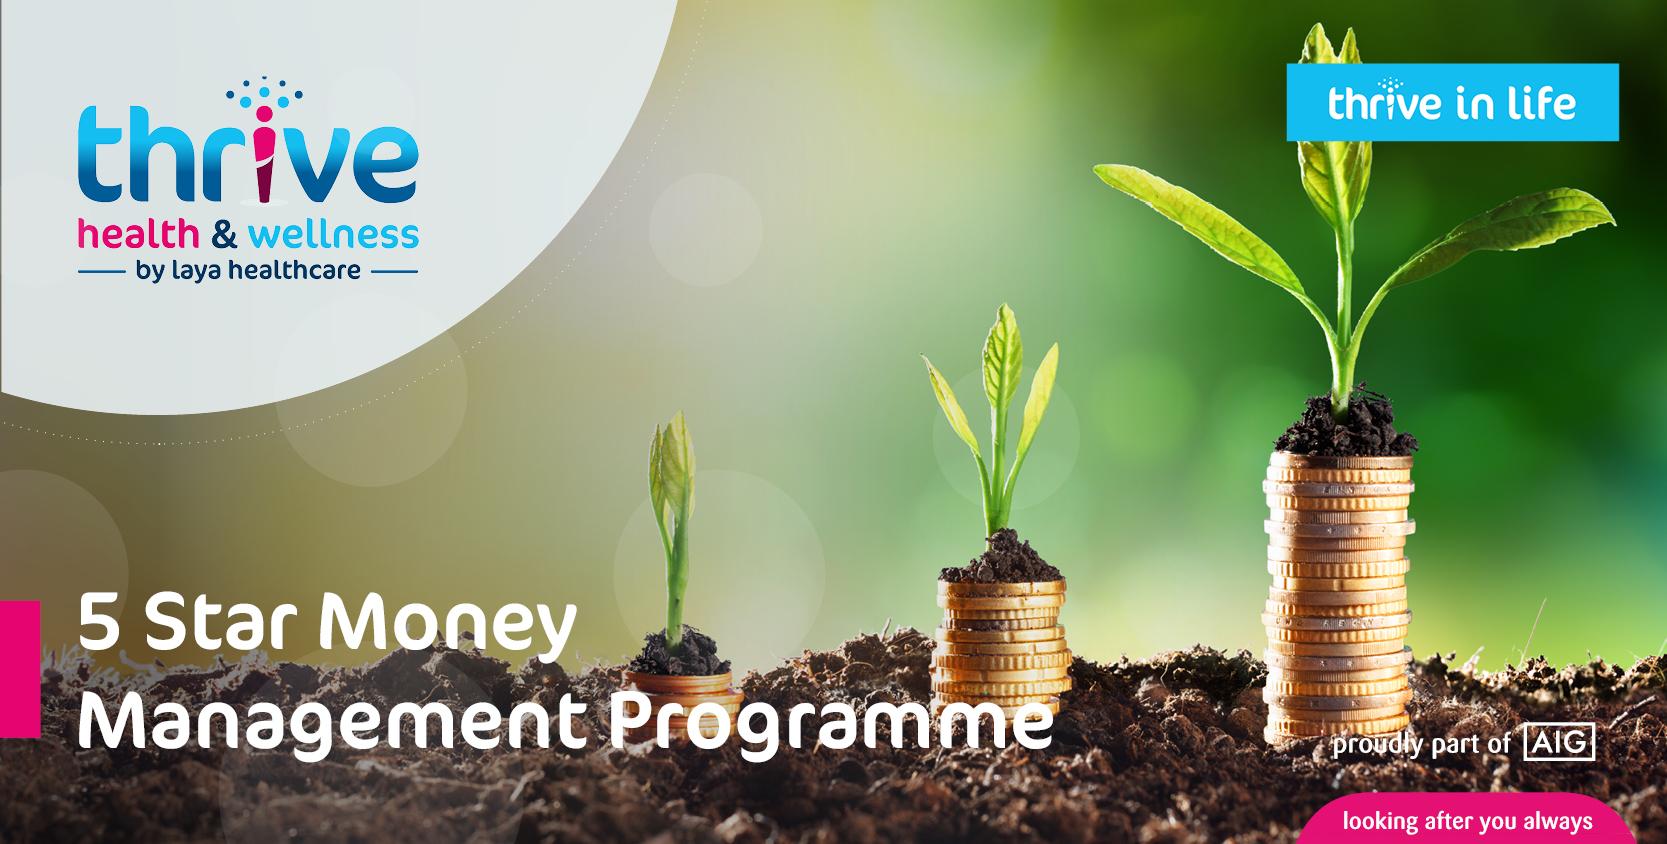 MAILCHIMP TEMPLATE. 5 Star Money Management Programme.jpg